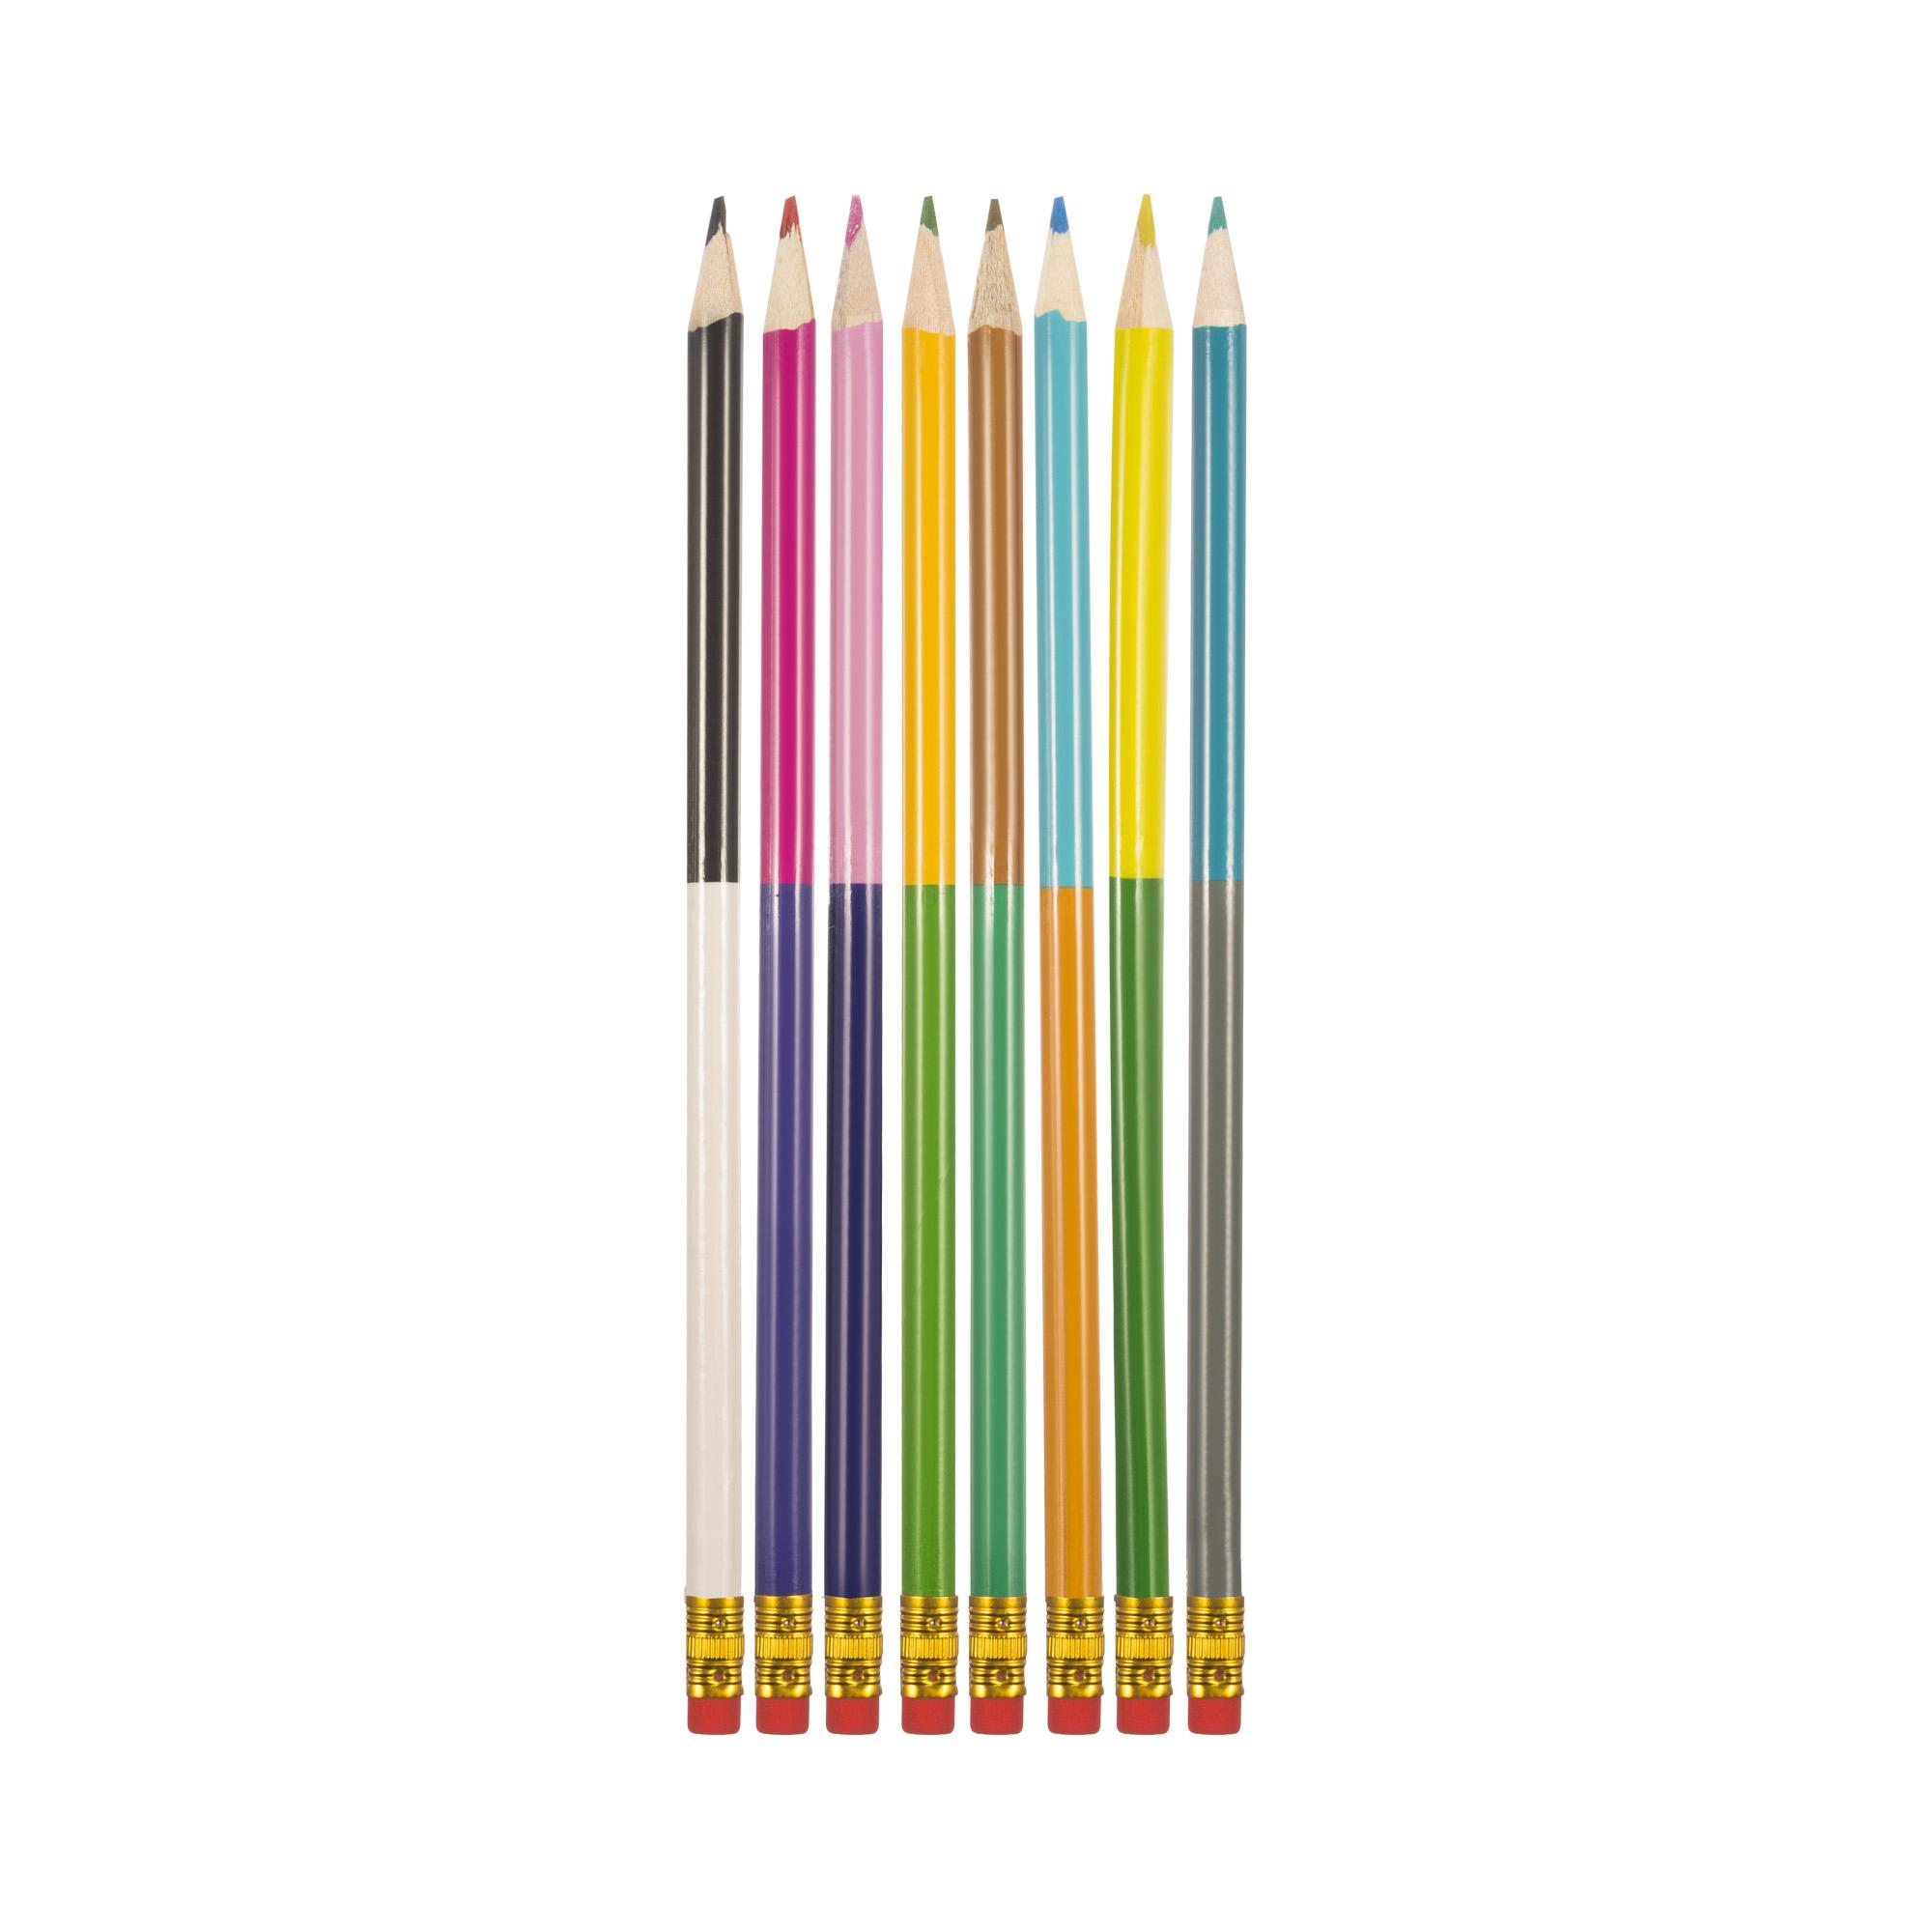 Набор чернографитных карандашей, 8шт набор карандашей чернографитных sivo 4шт нв с резинкой